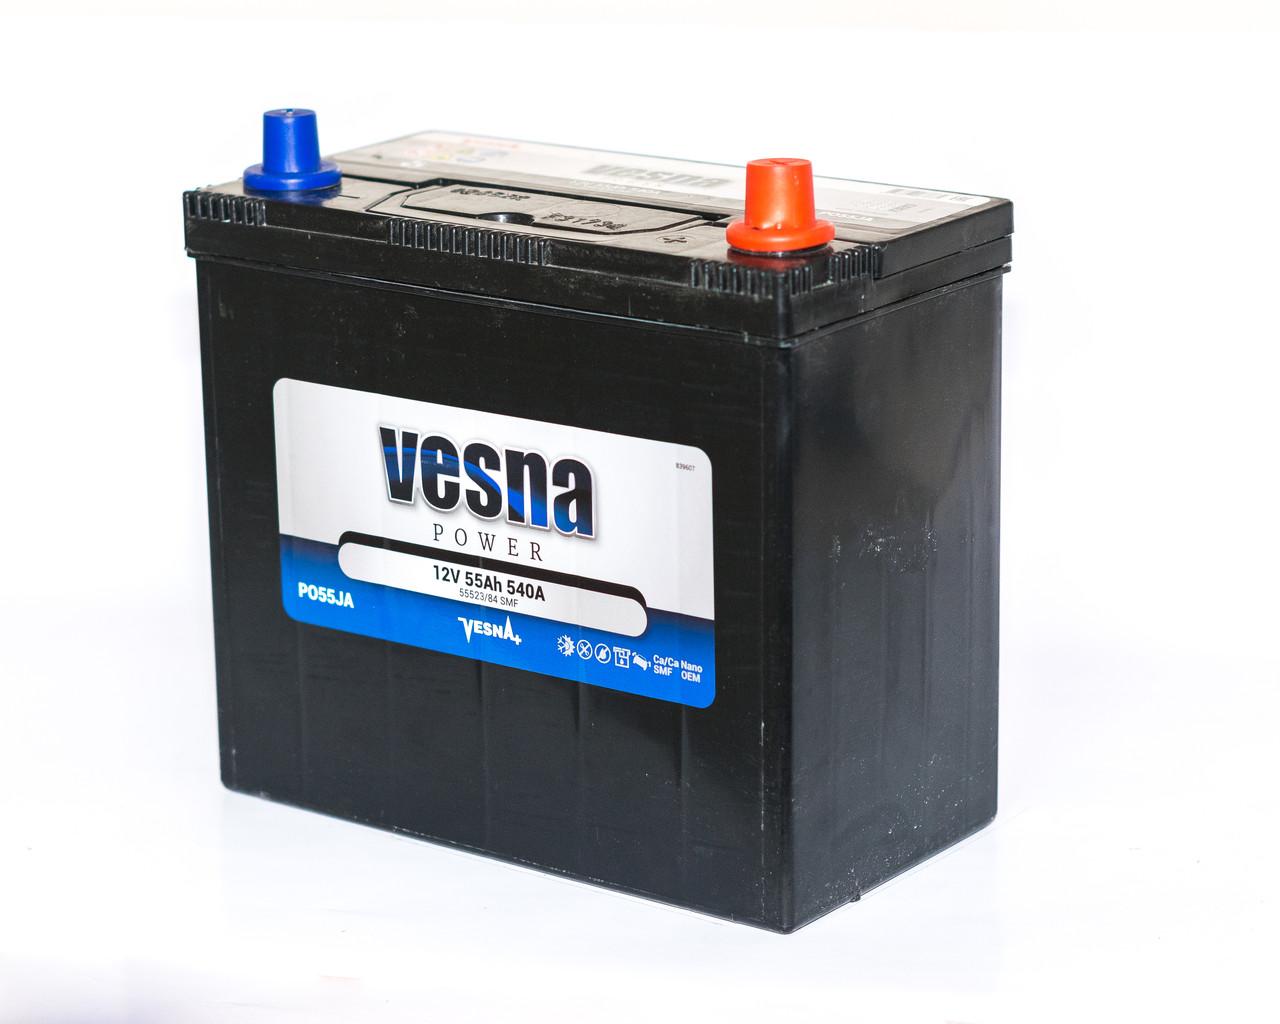 Аккумулятор автомобильный 6СТ-55Ah 540A VESNA Power PO55JA